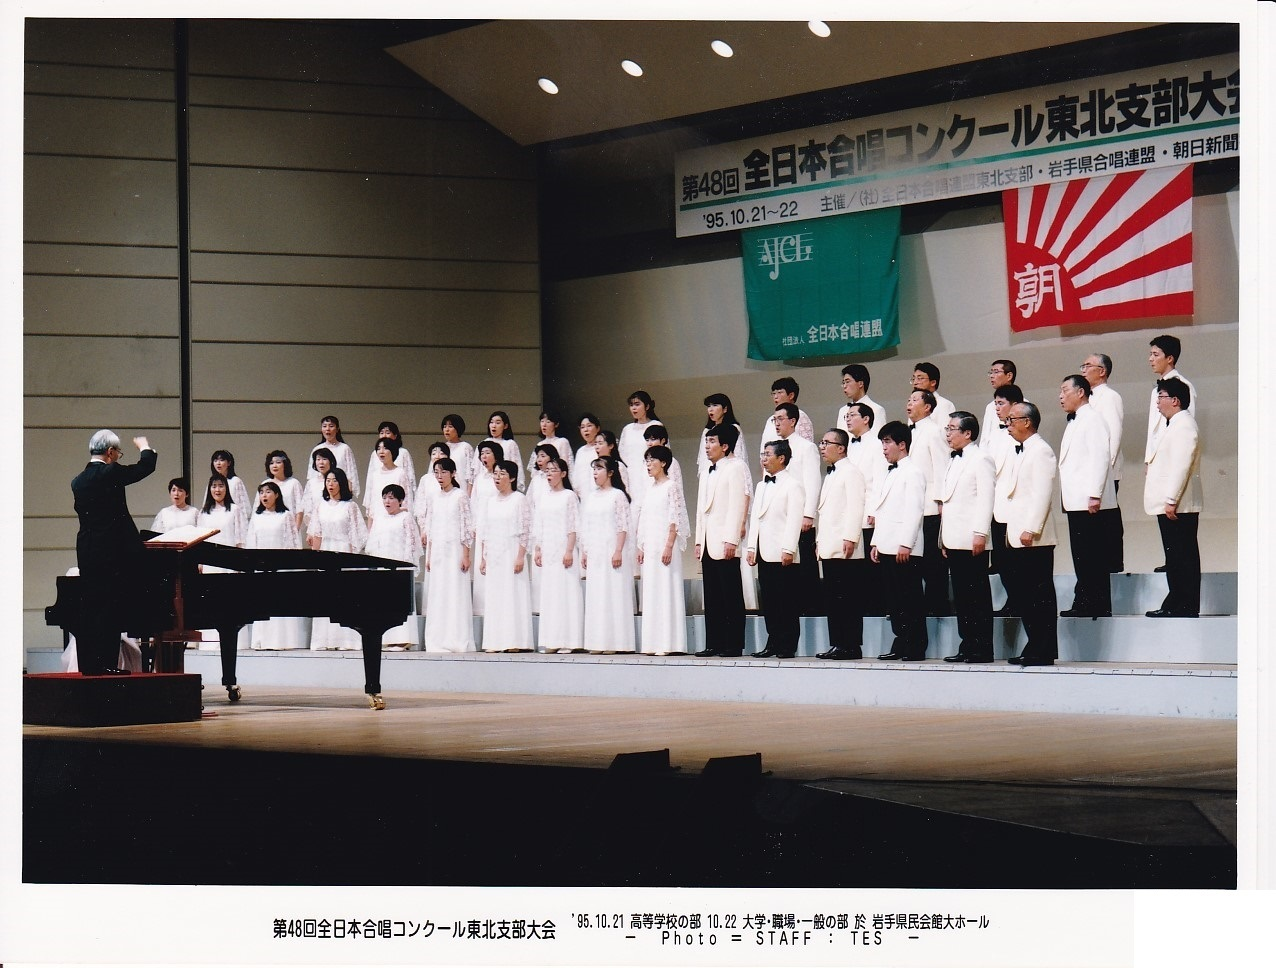 第48回全日本合唱コンクール_c0125004_17311676.jpg